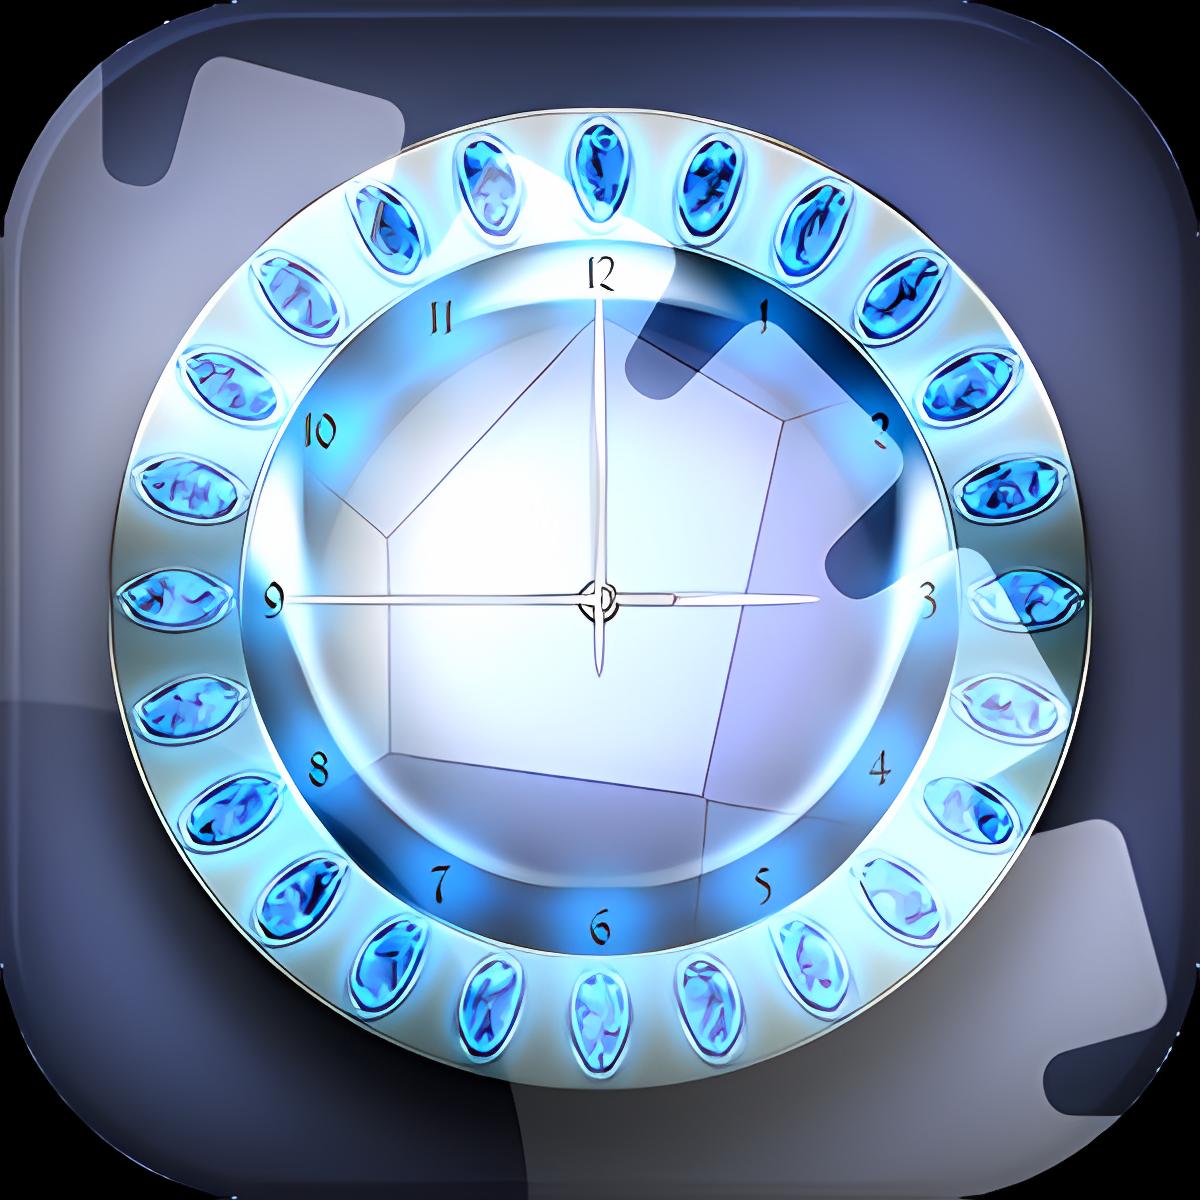 Royal Clock Live Wallpaper 1.1